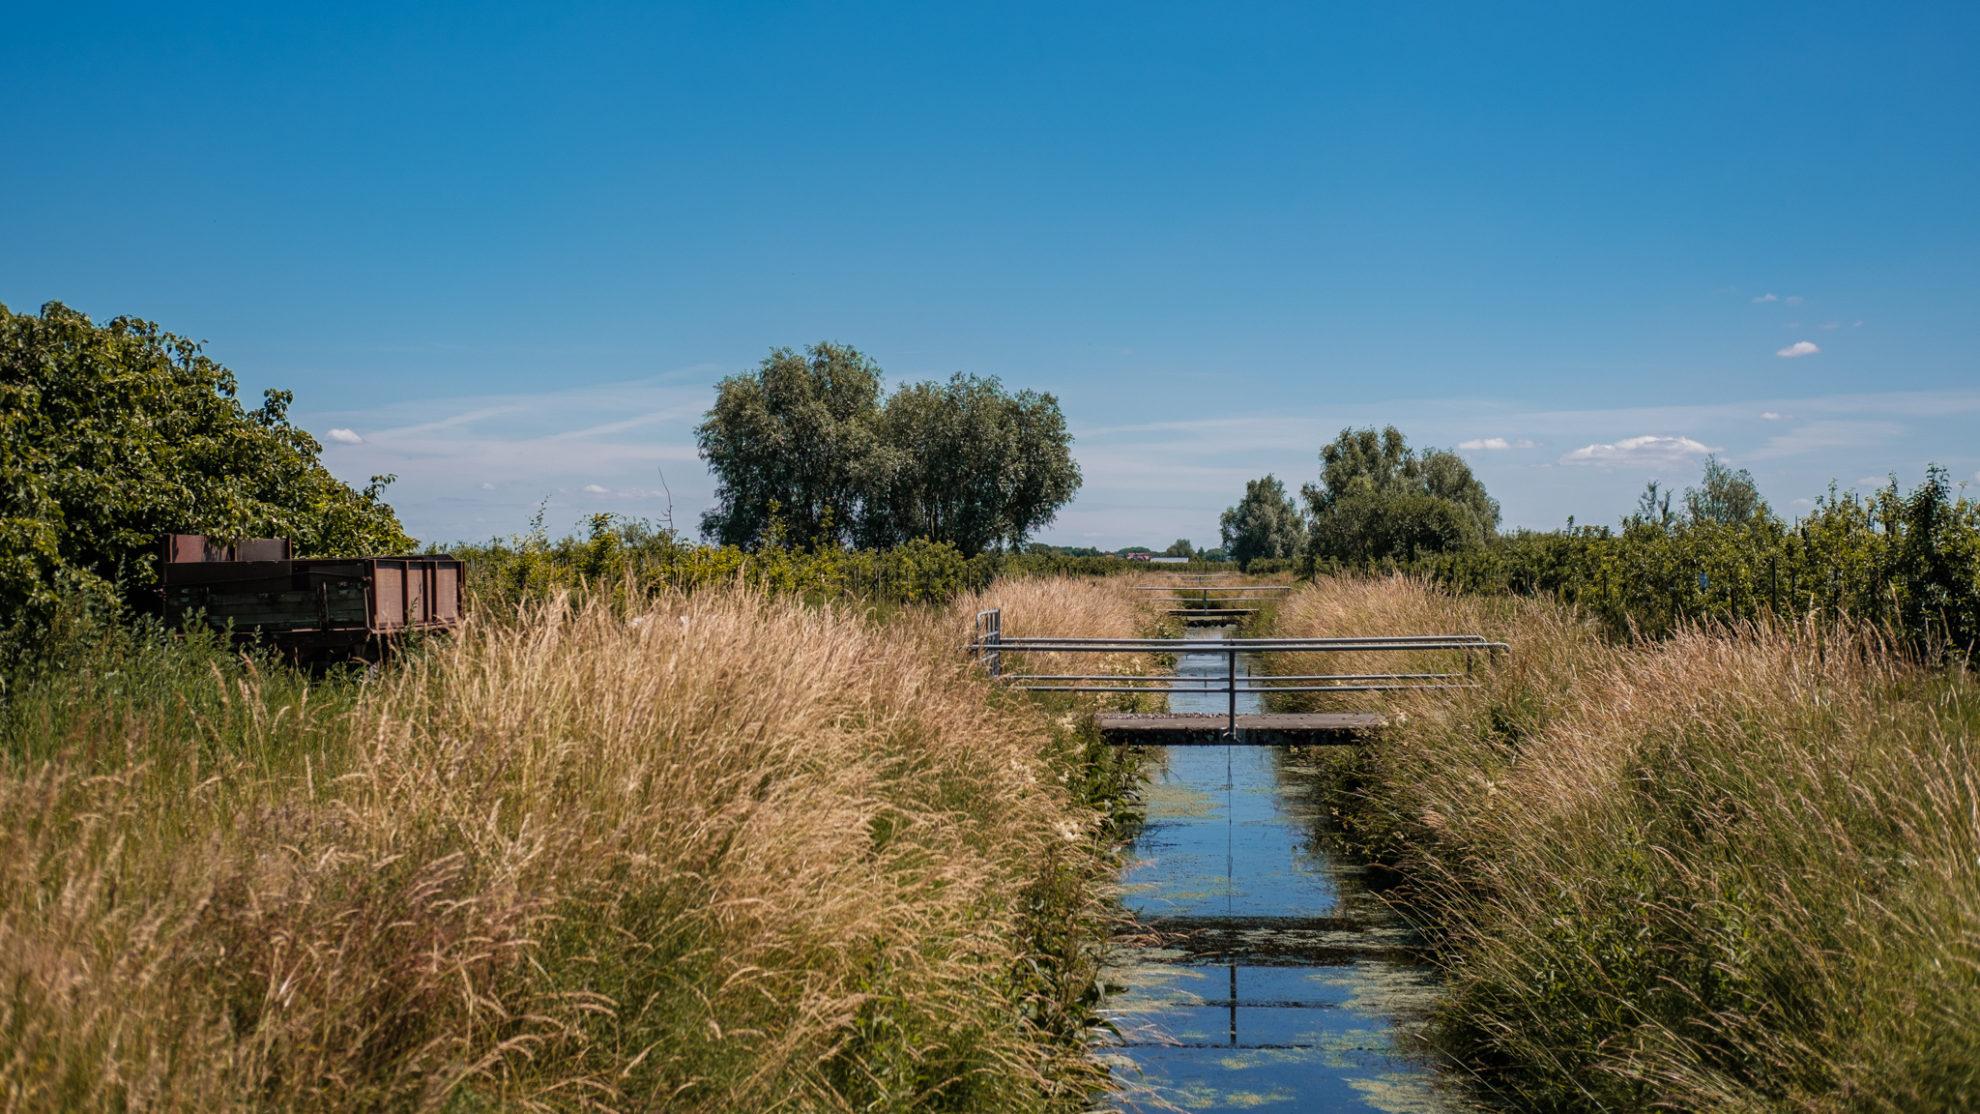 Ein kleiner Entwüsserungskanal mit einer kleinen Brücke im Vordergrund. Am Rand wachsen hohe Gräser. Links im Bild steht ein alter Anhänger.